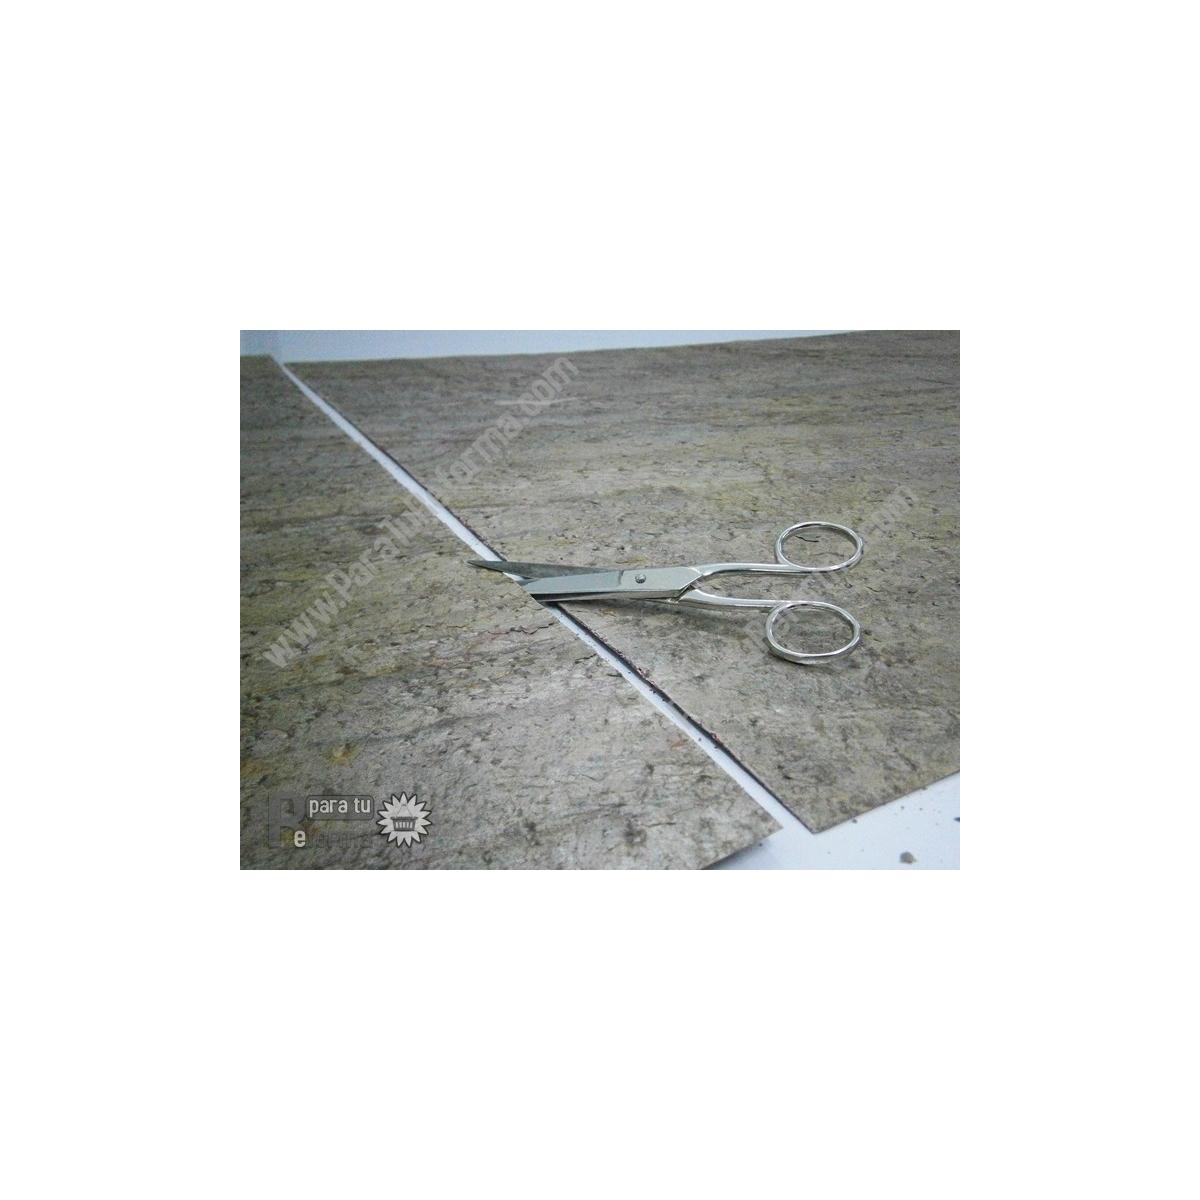 Lámina de revestimiento de Pizarra natural flexible FS6006 / FT3006 (ud) Facíl de colocar y manejar. Barata - Revestimiento con